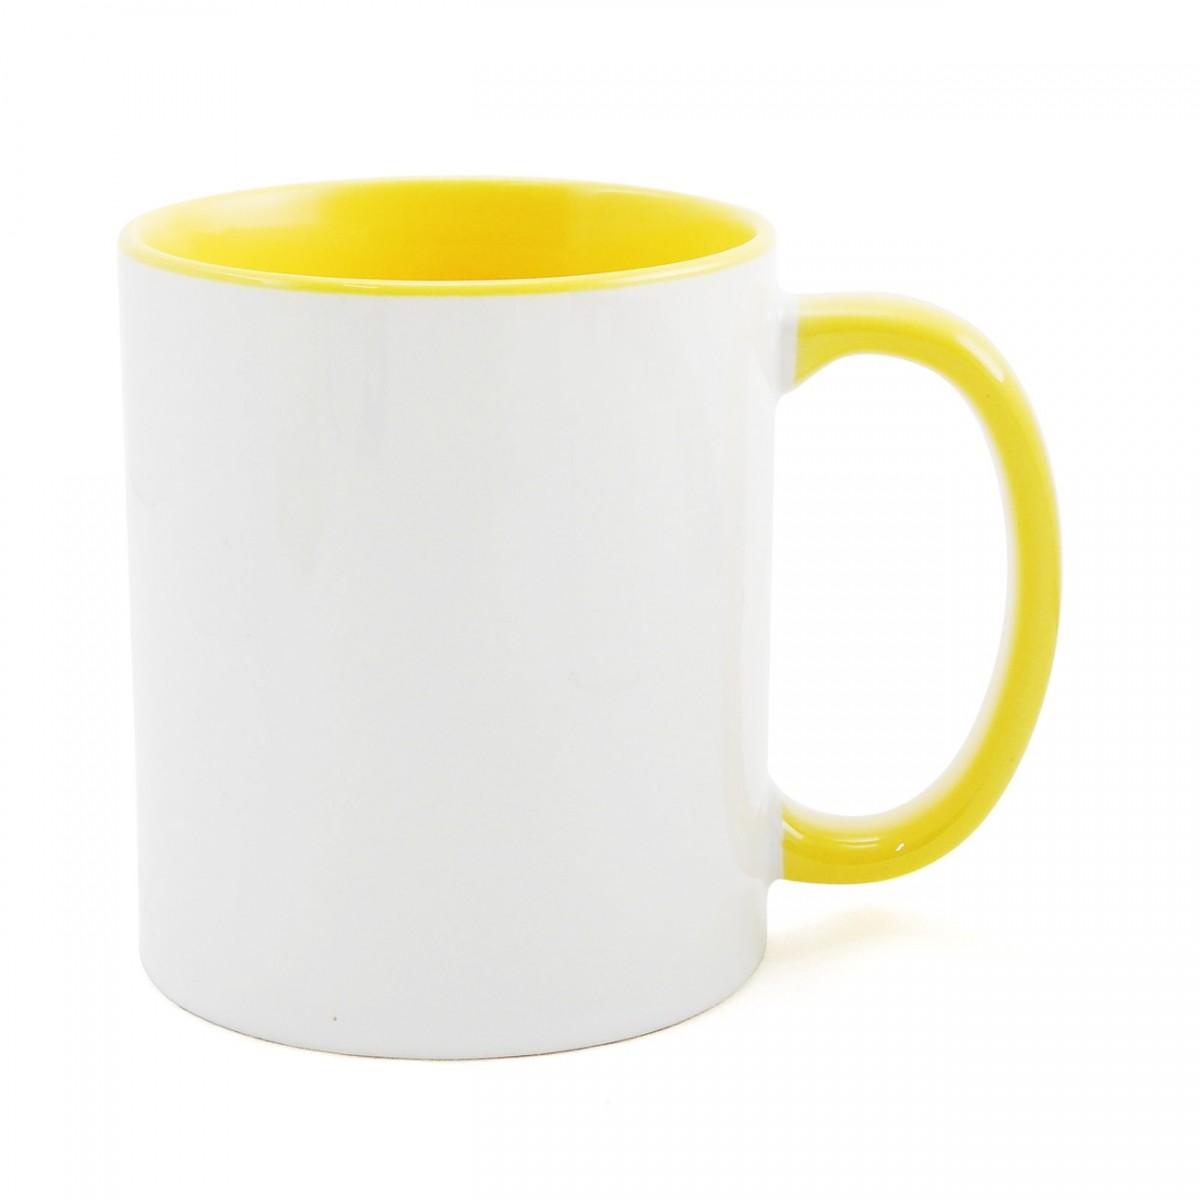 Caneca P Sublimação - Branca e Amarela 325ml